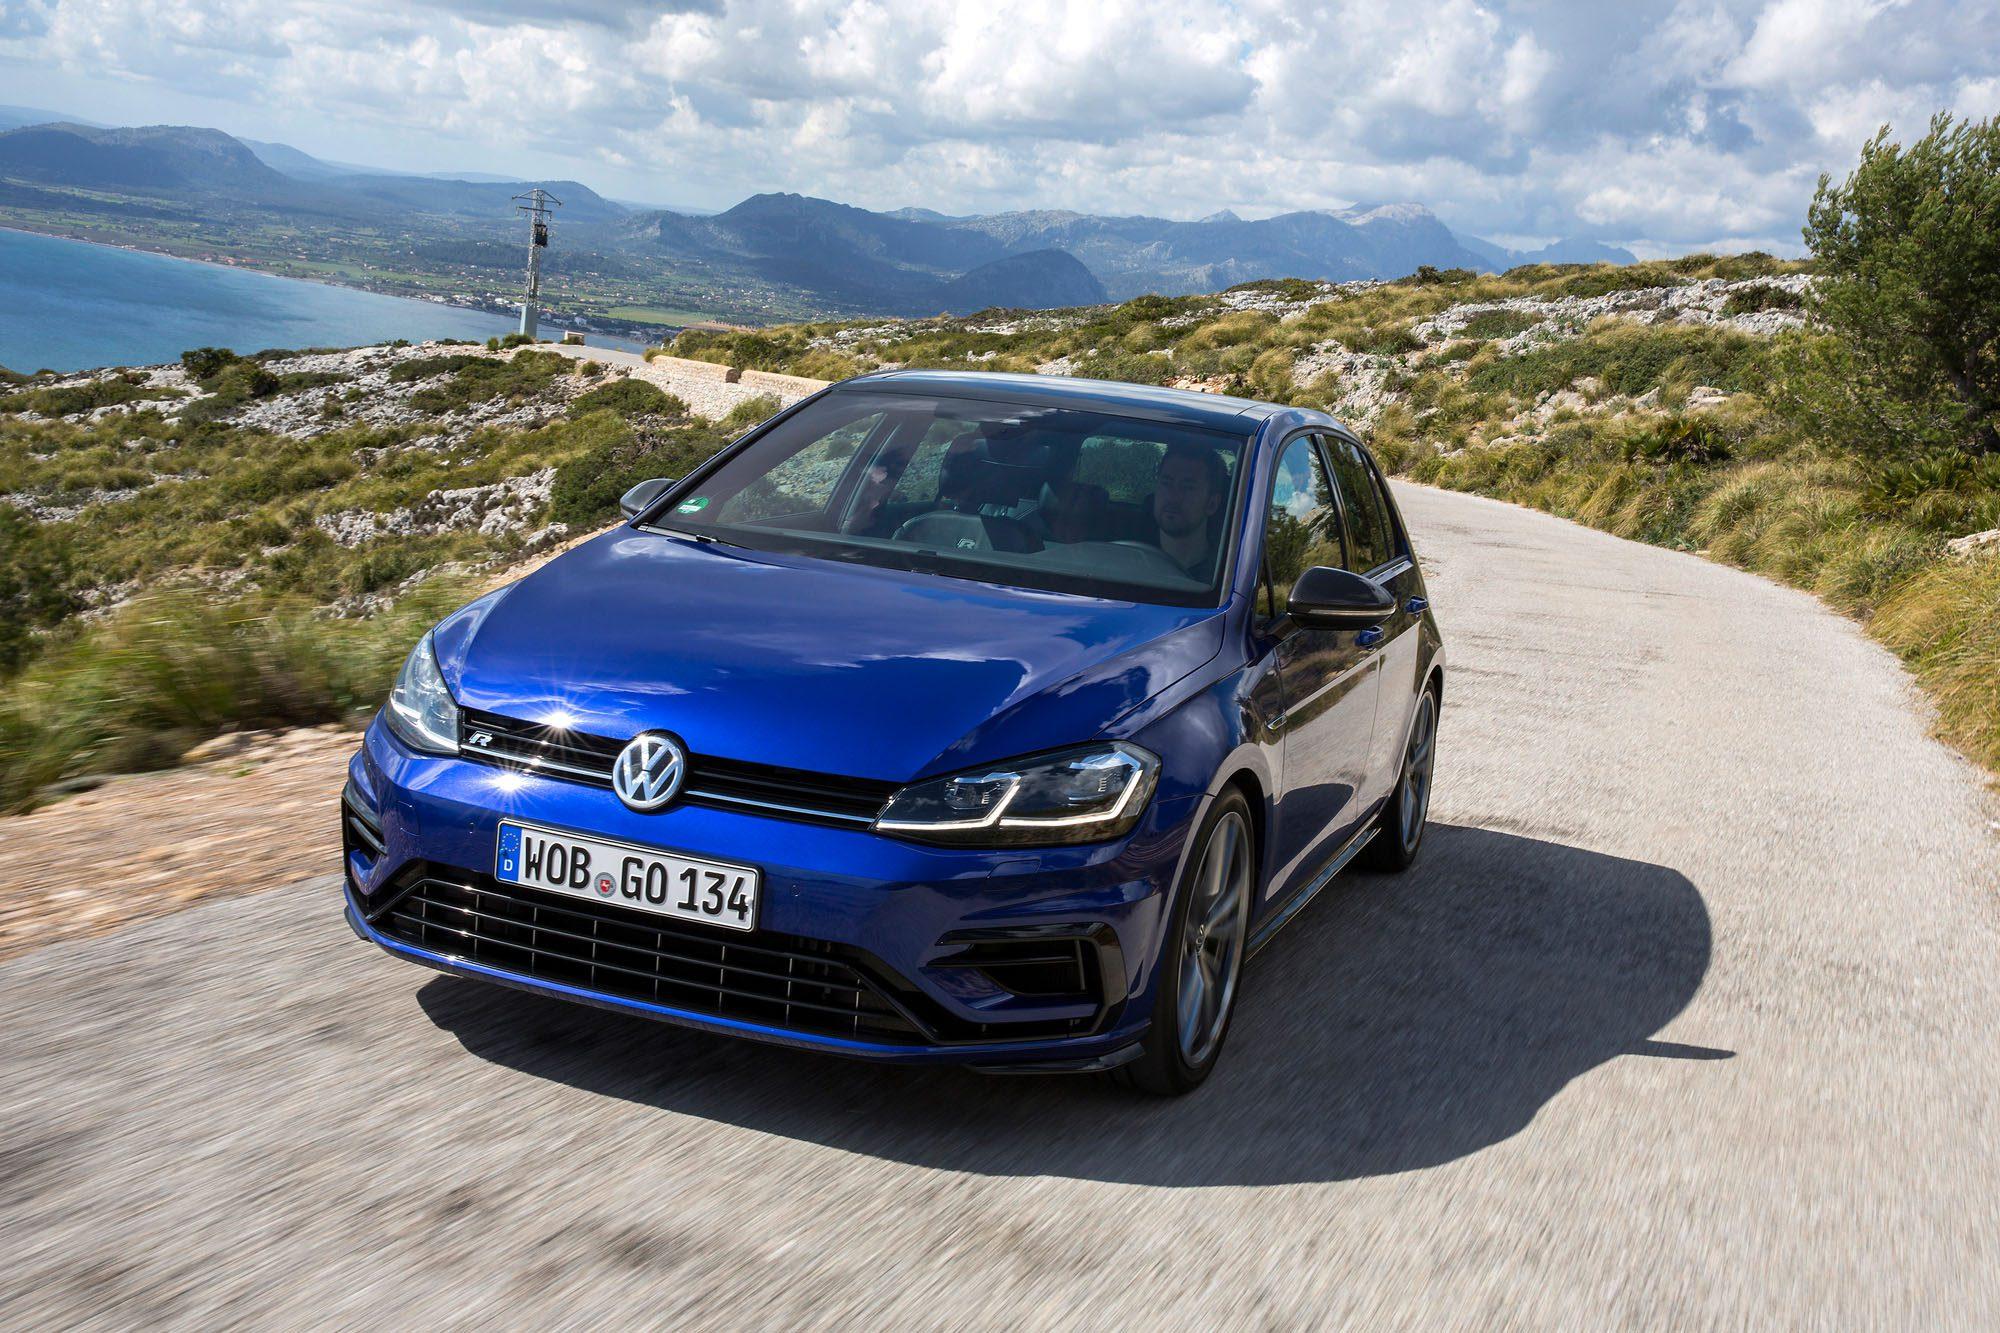 Unterrwegs mit dem VW Golf R Facelift auf der Landstraße